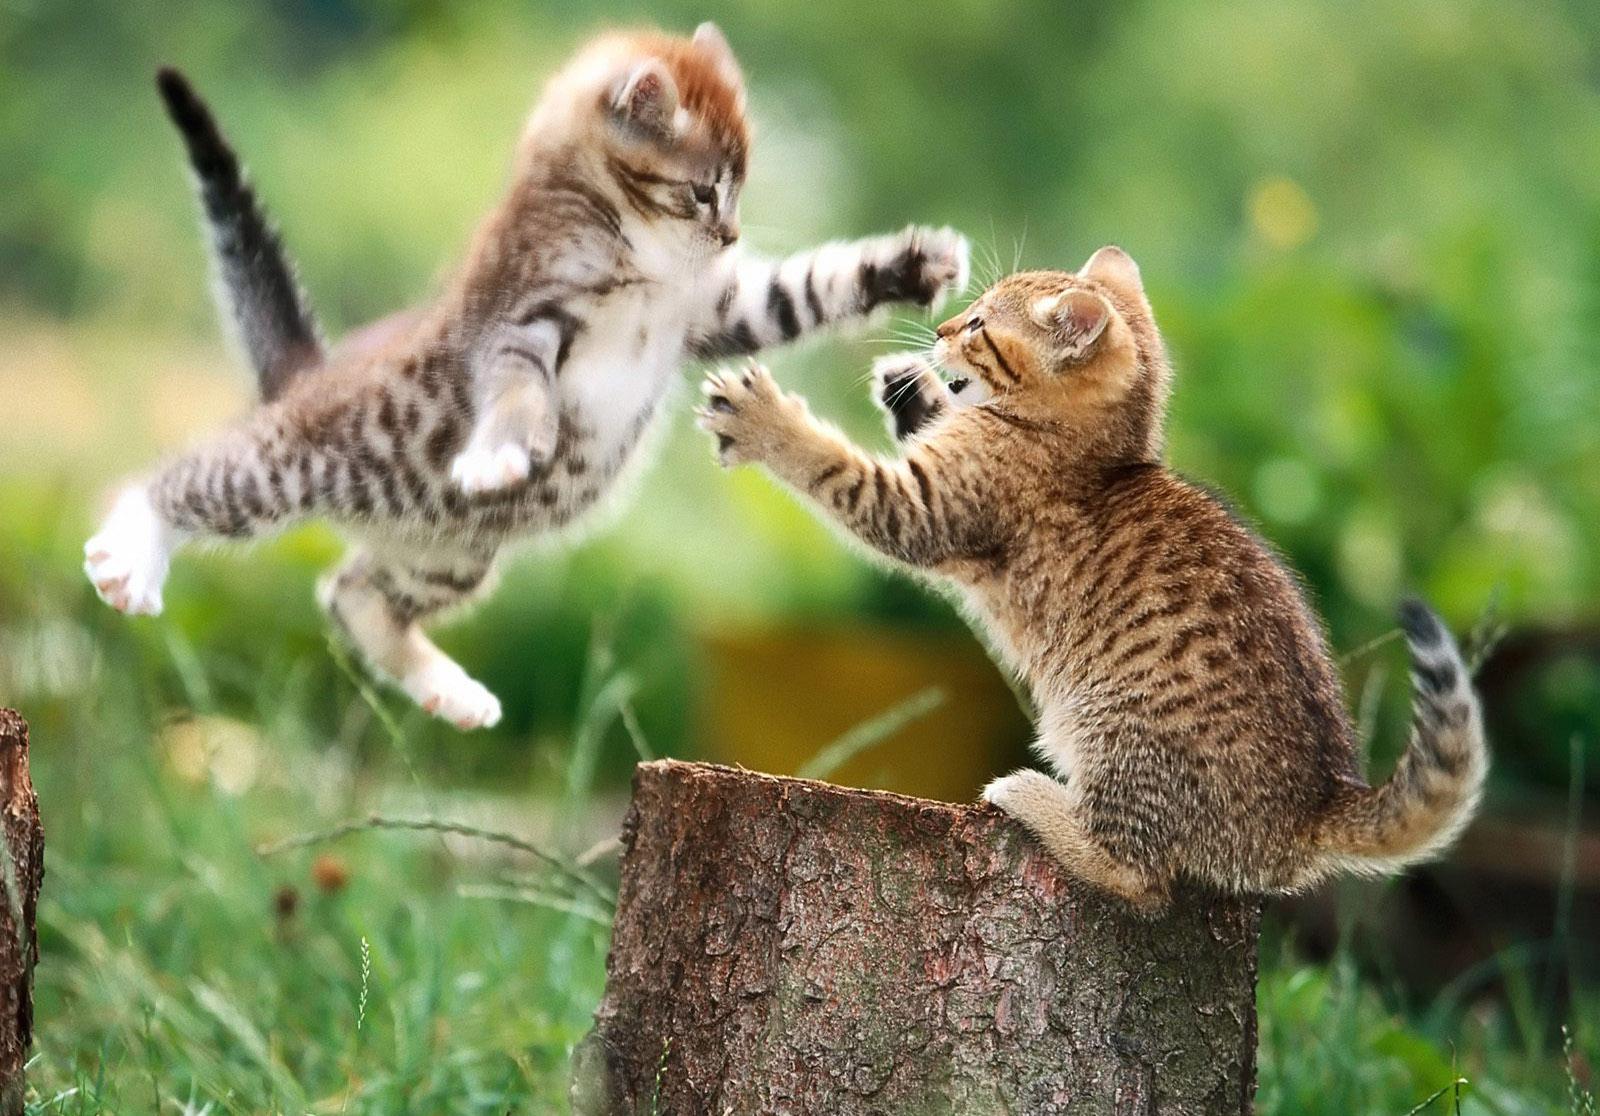 Sfondi erba natura gattini barba gatto selvatico for Erba per gatti